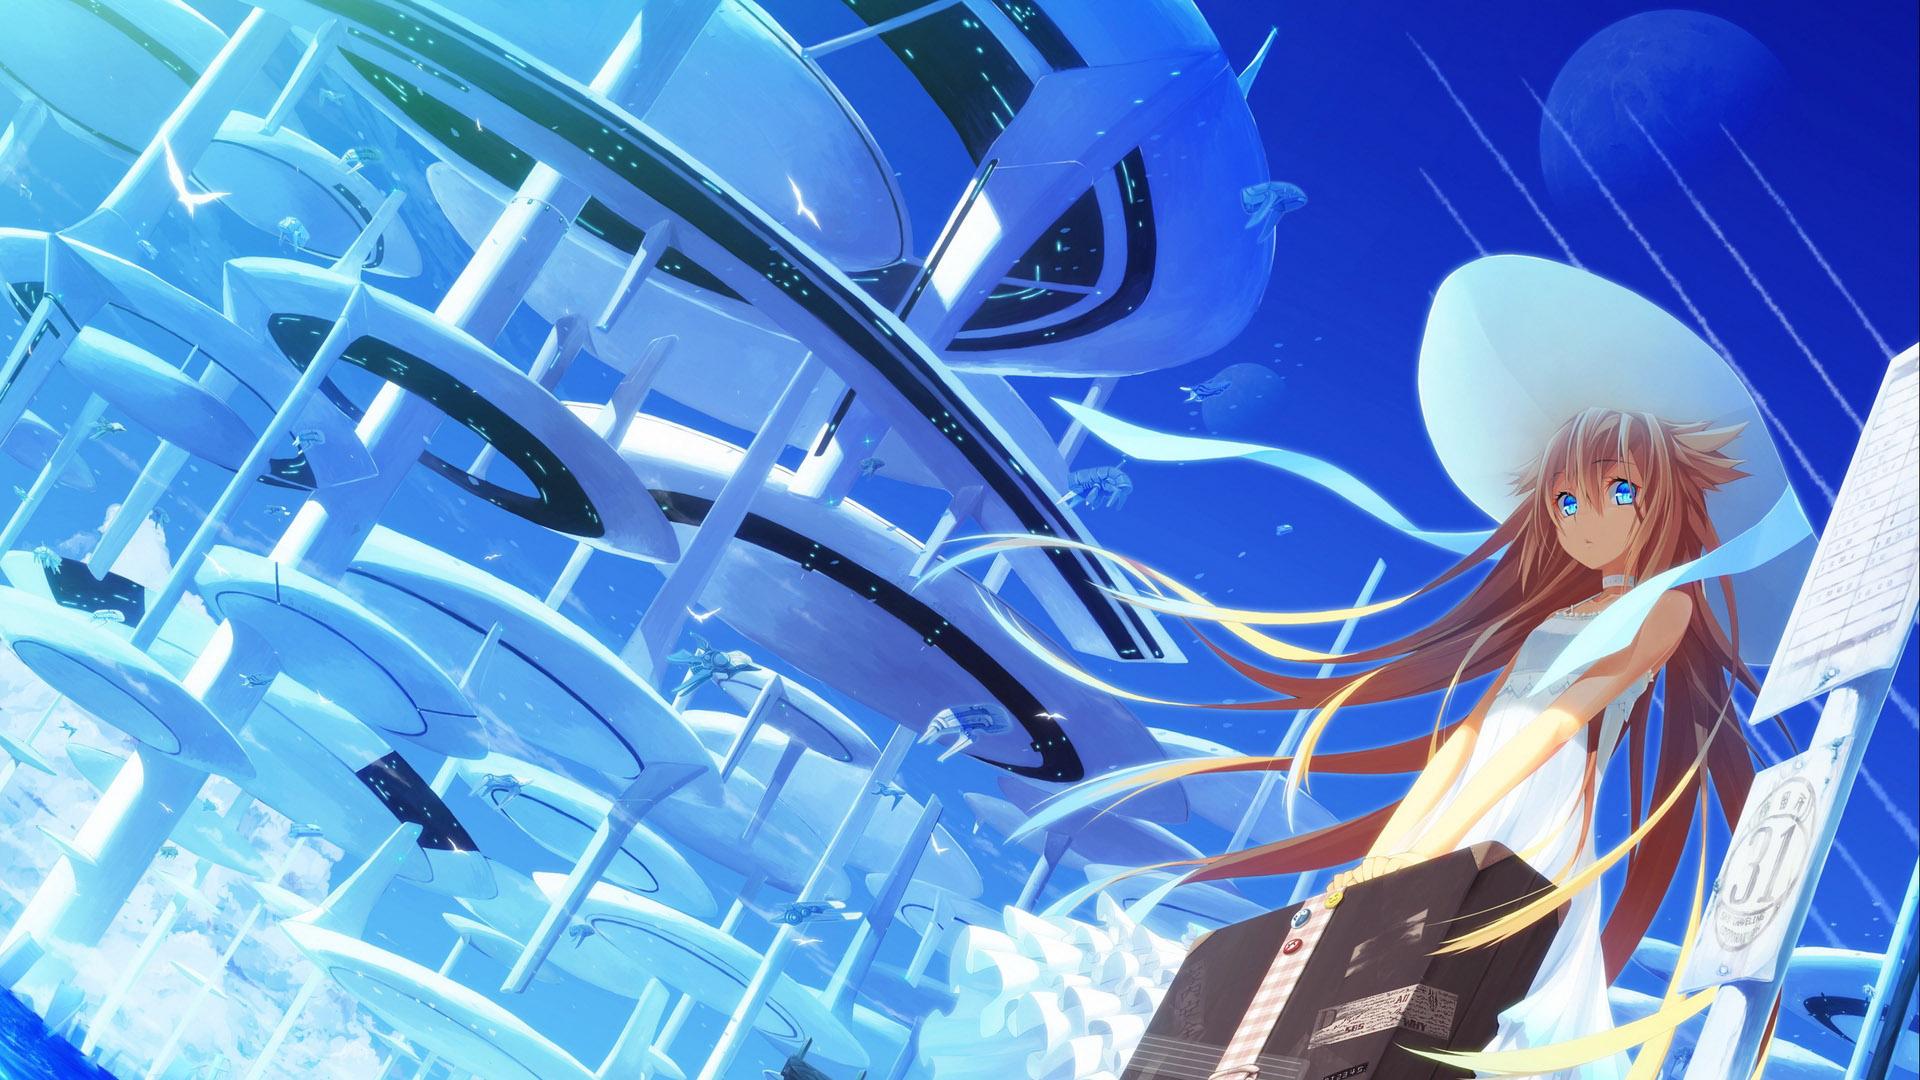 Отличные аниме картинки в хорошем качестве на рабочий стол №12 11